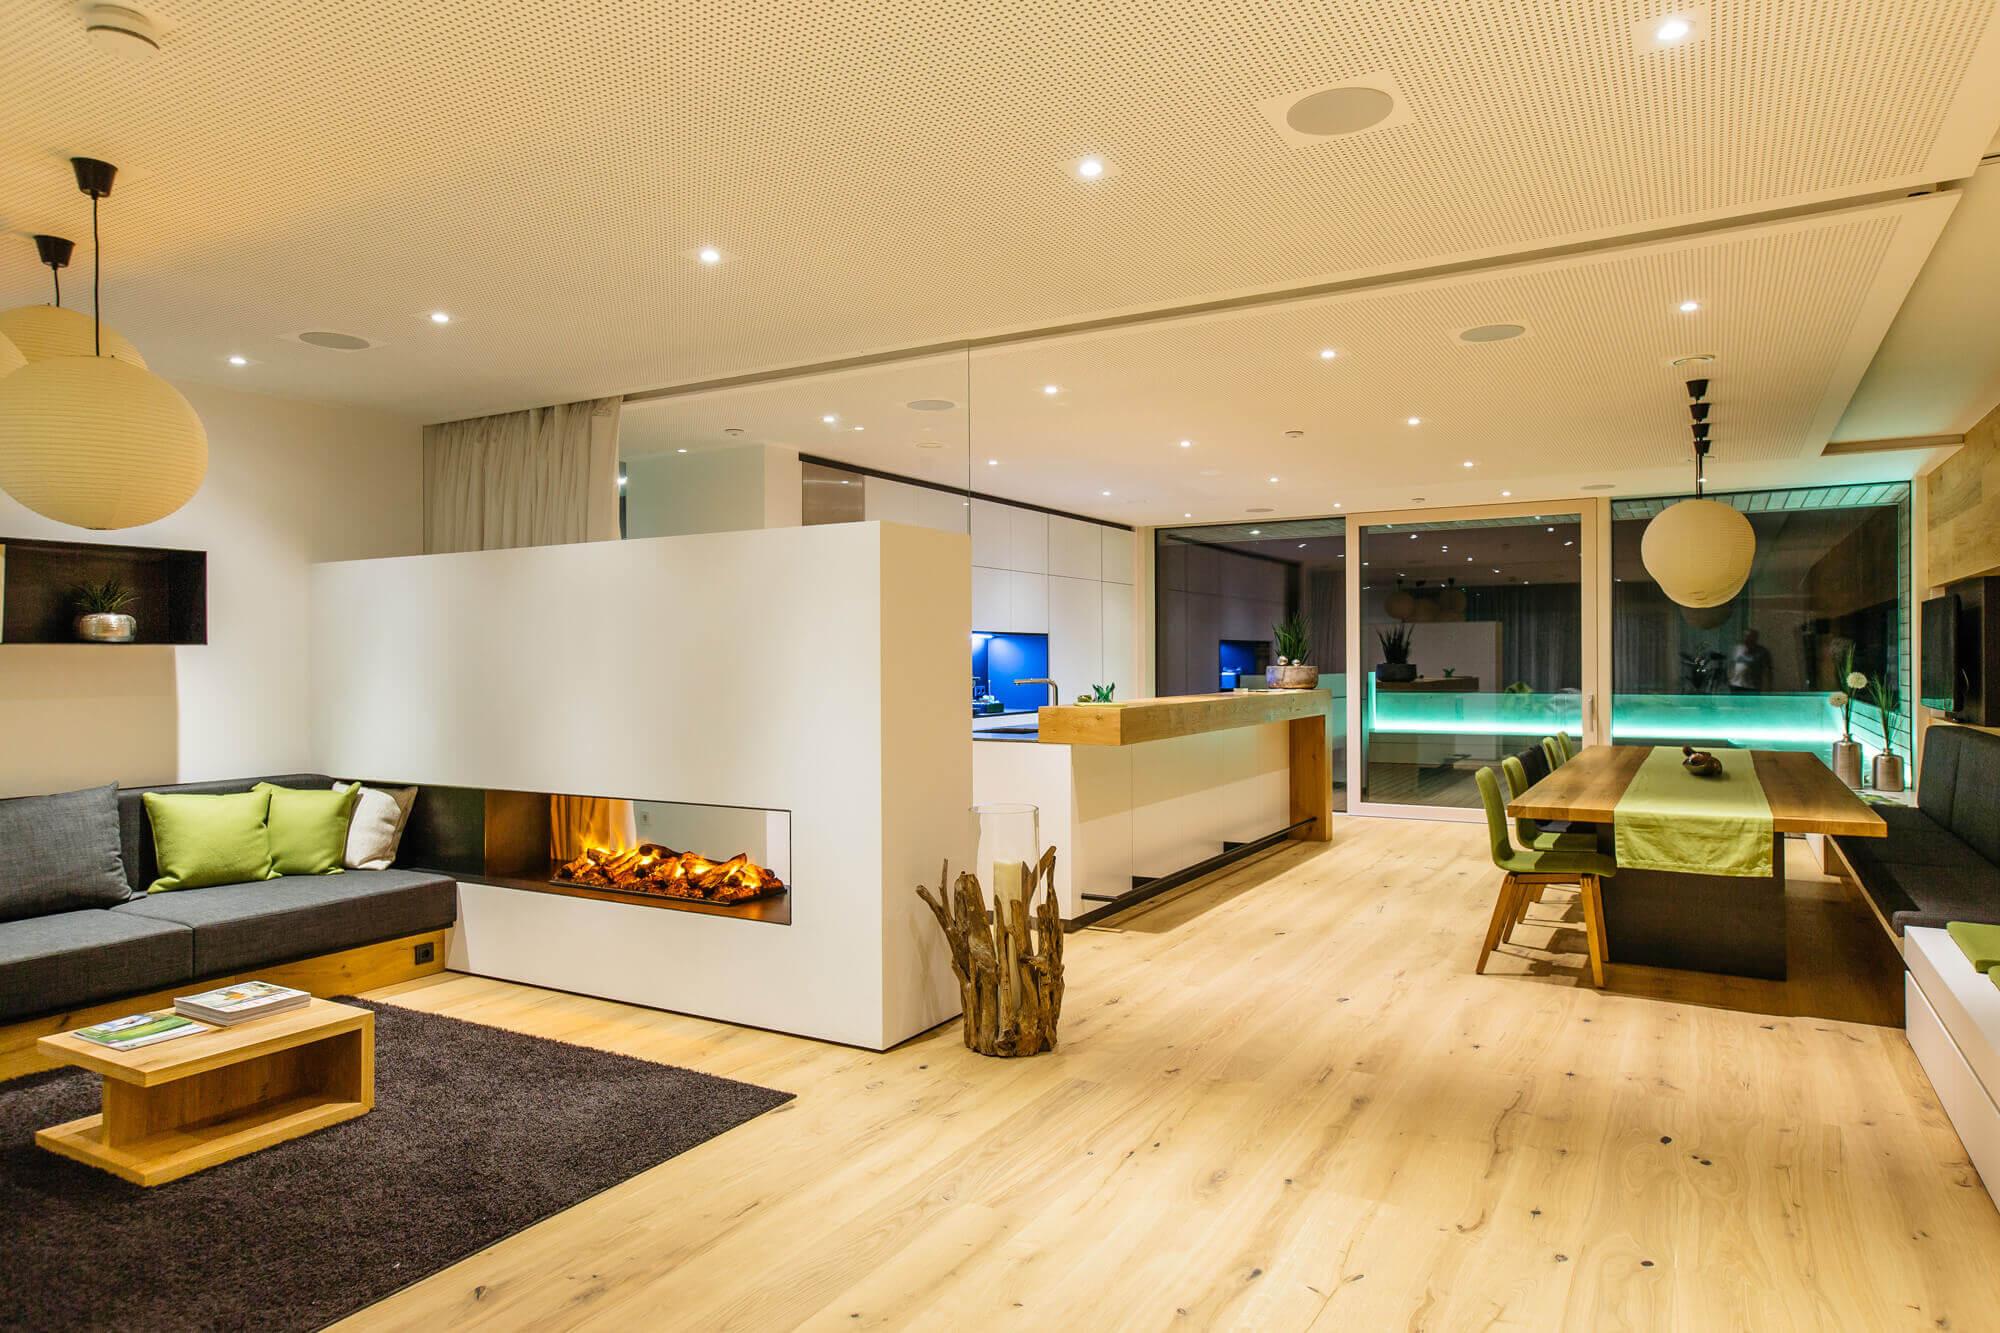 Duży pokój który jest dobrze oświetlony z białymi ścianami i ciemnymi meblami